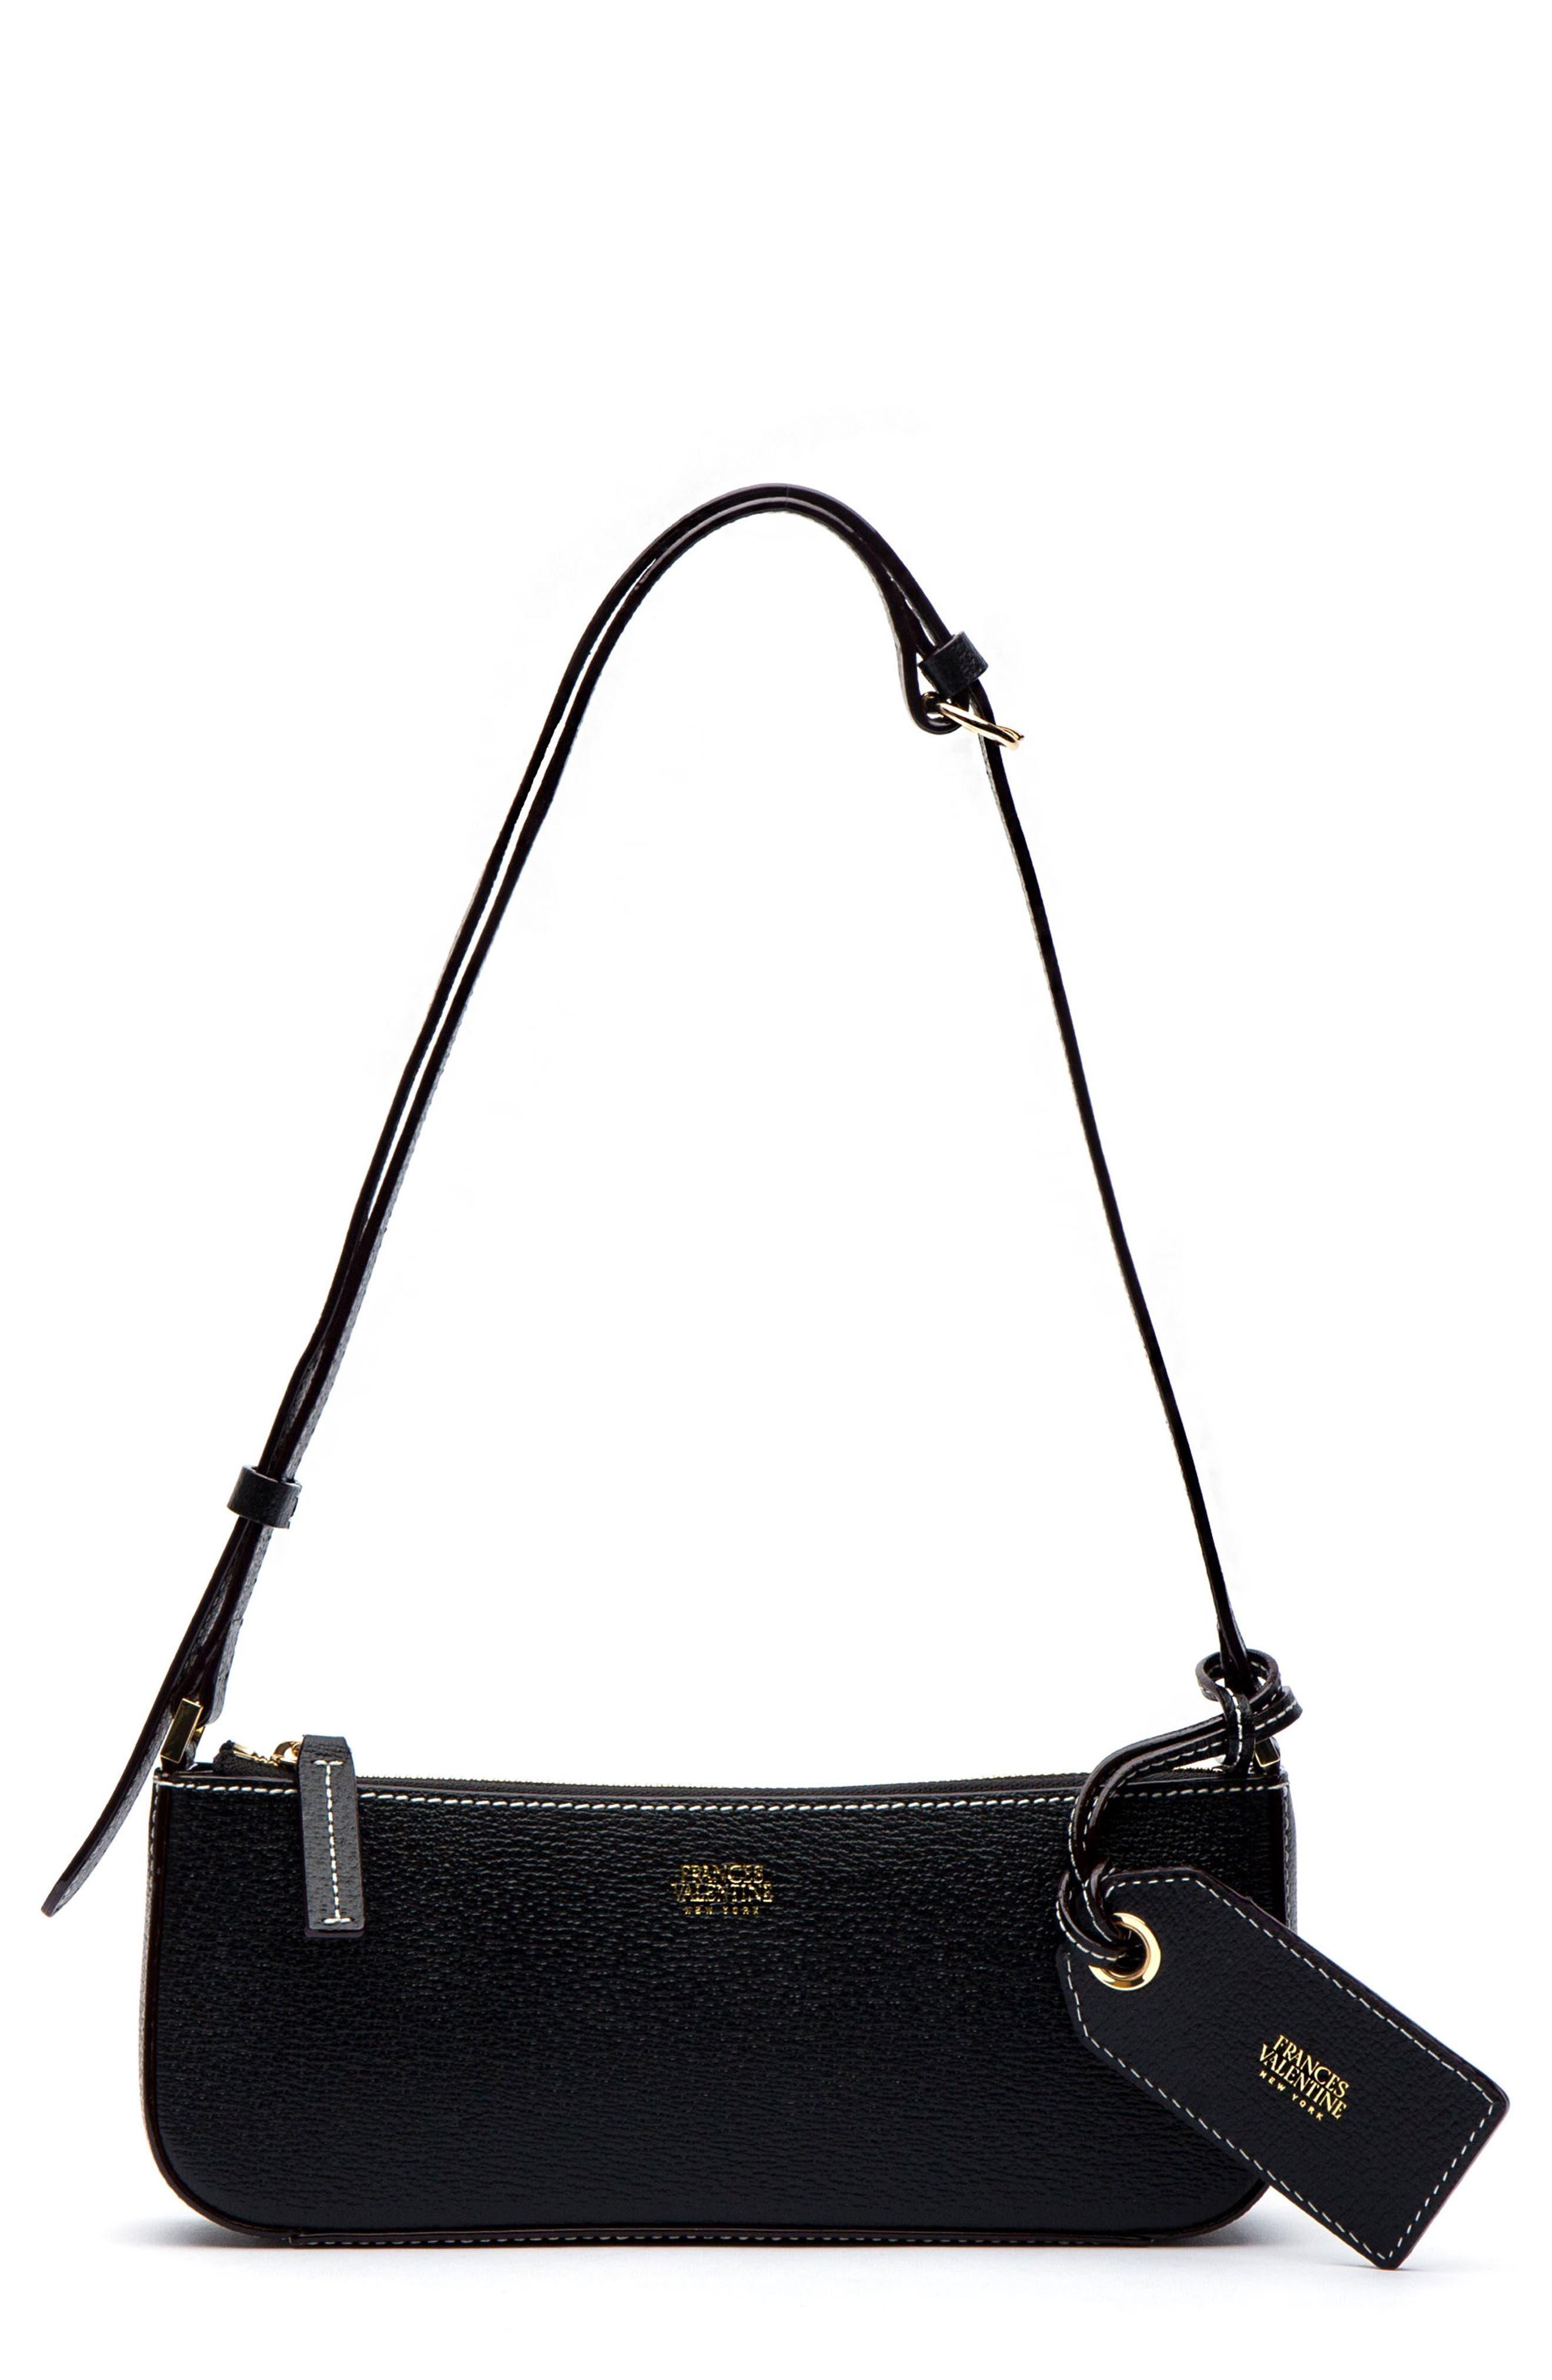 c815bfe048b40 Frances Valentine Boarskin Leather Baguette Bag - Black